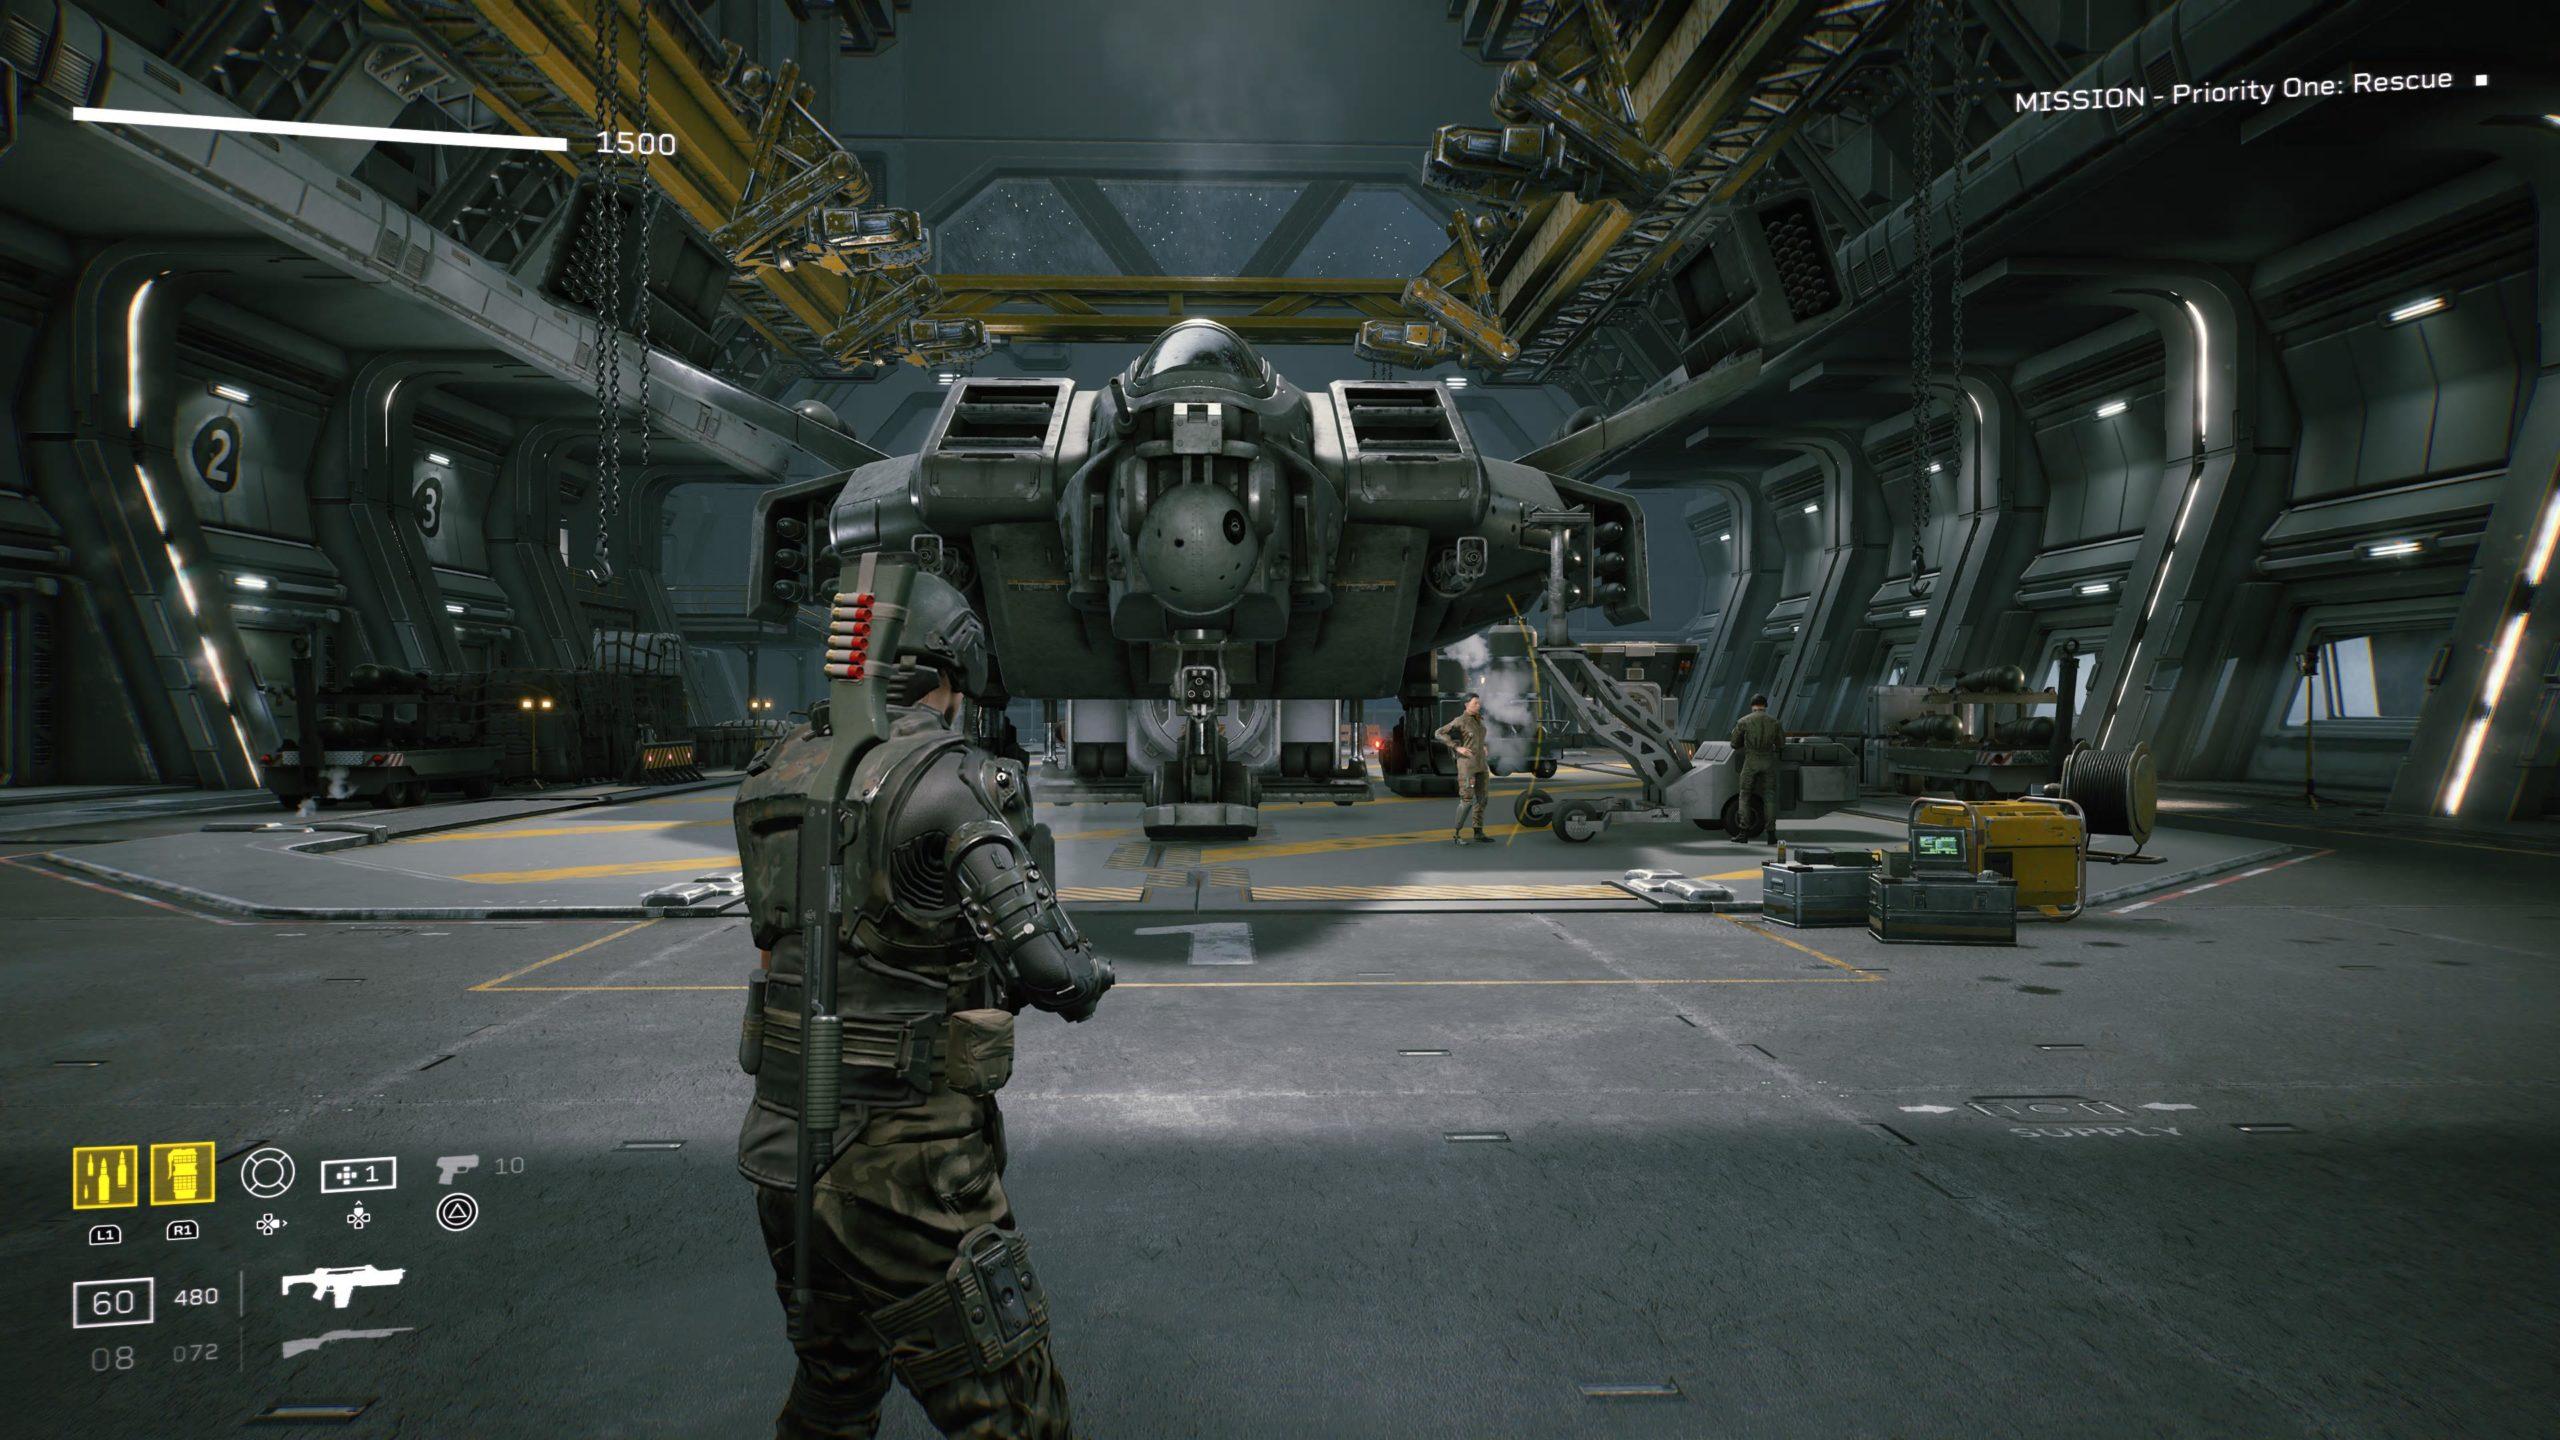 Le vaisseau de transport est une copie identique à celui dans le film Aliens